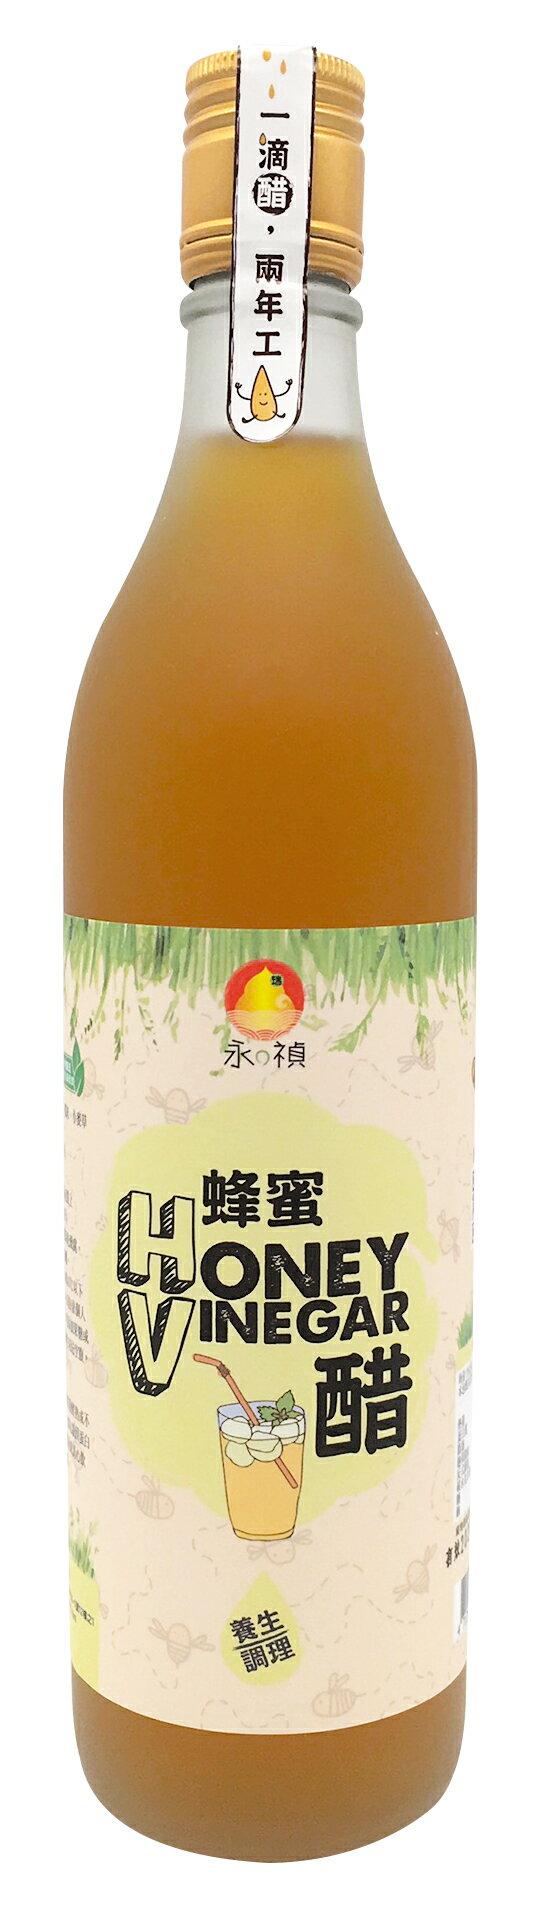 【永禎】蜂蜜醋600ML /  健康果醋 /  促進腸胃健康 /  天然釀造 3